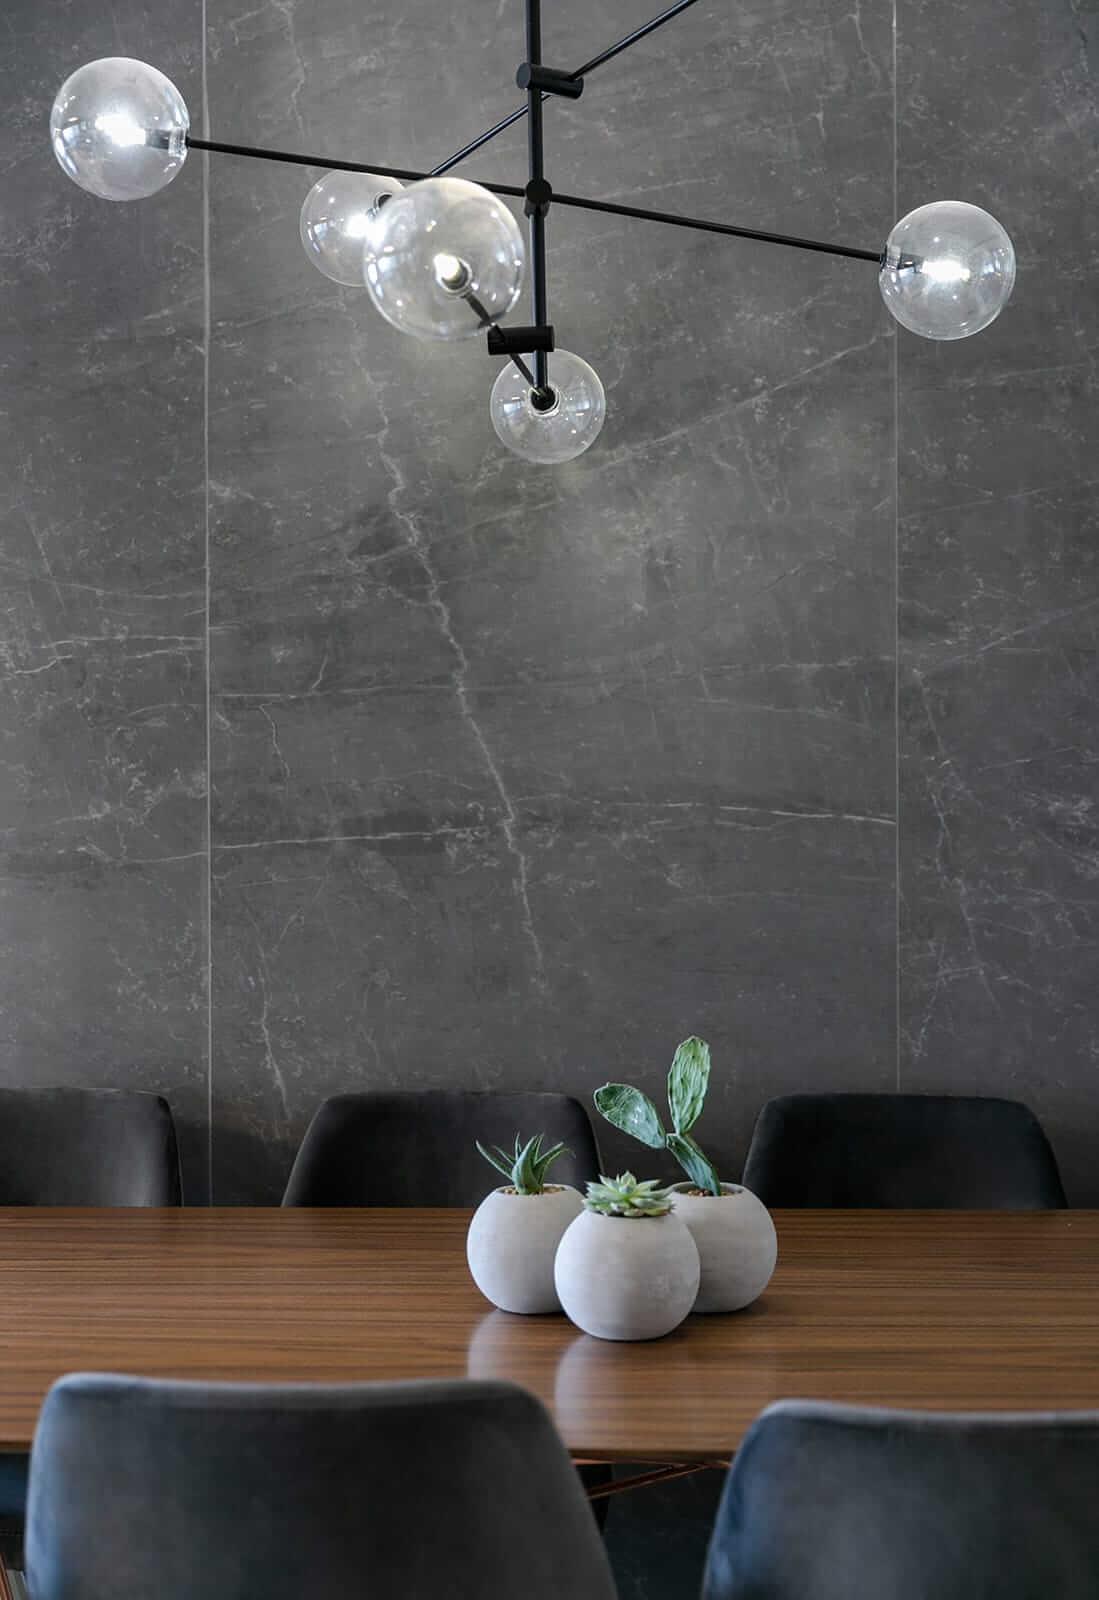 תאורה מעוצבת שחורה להשלמת עיצוב הבית